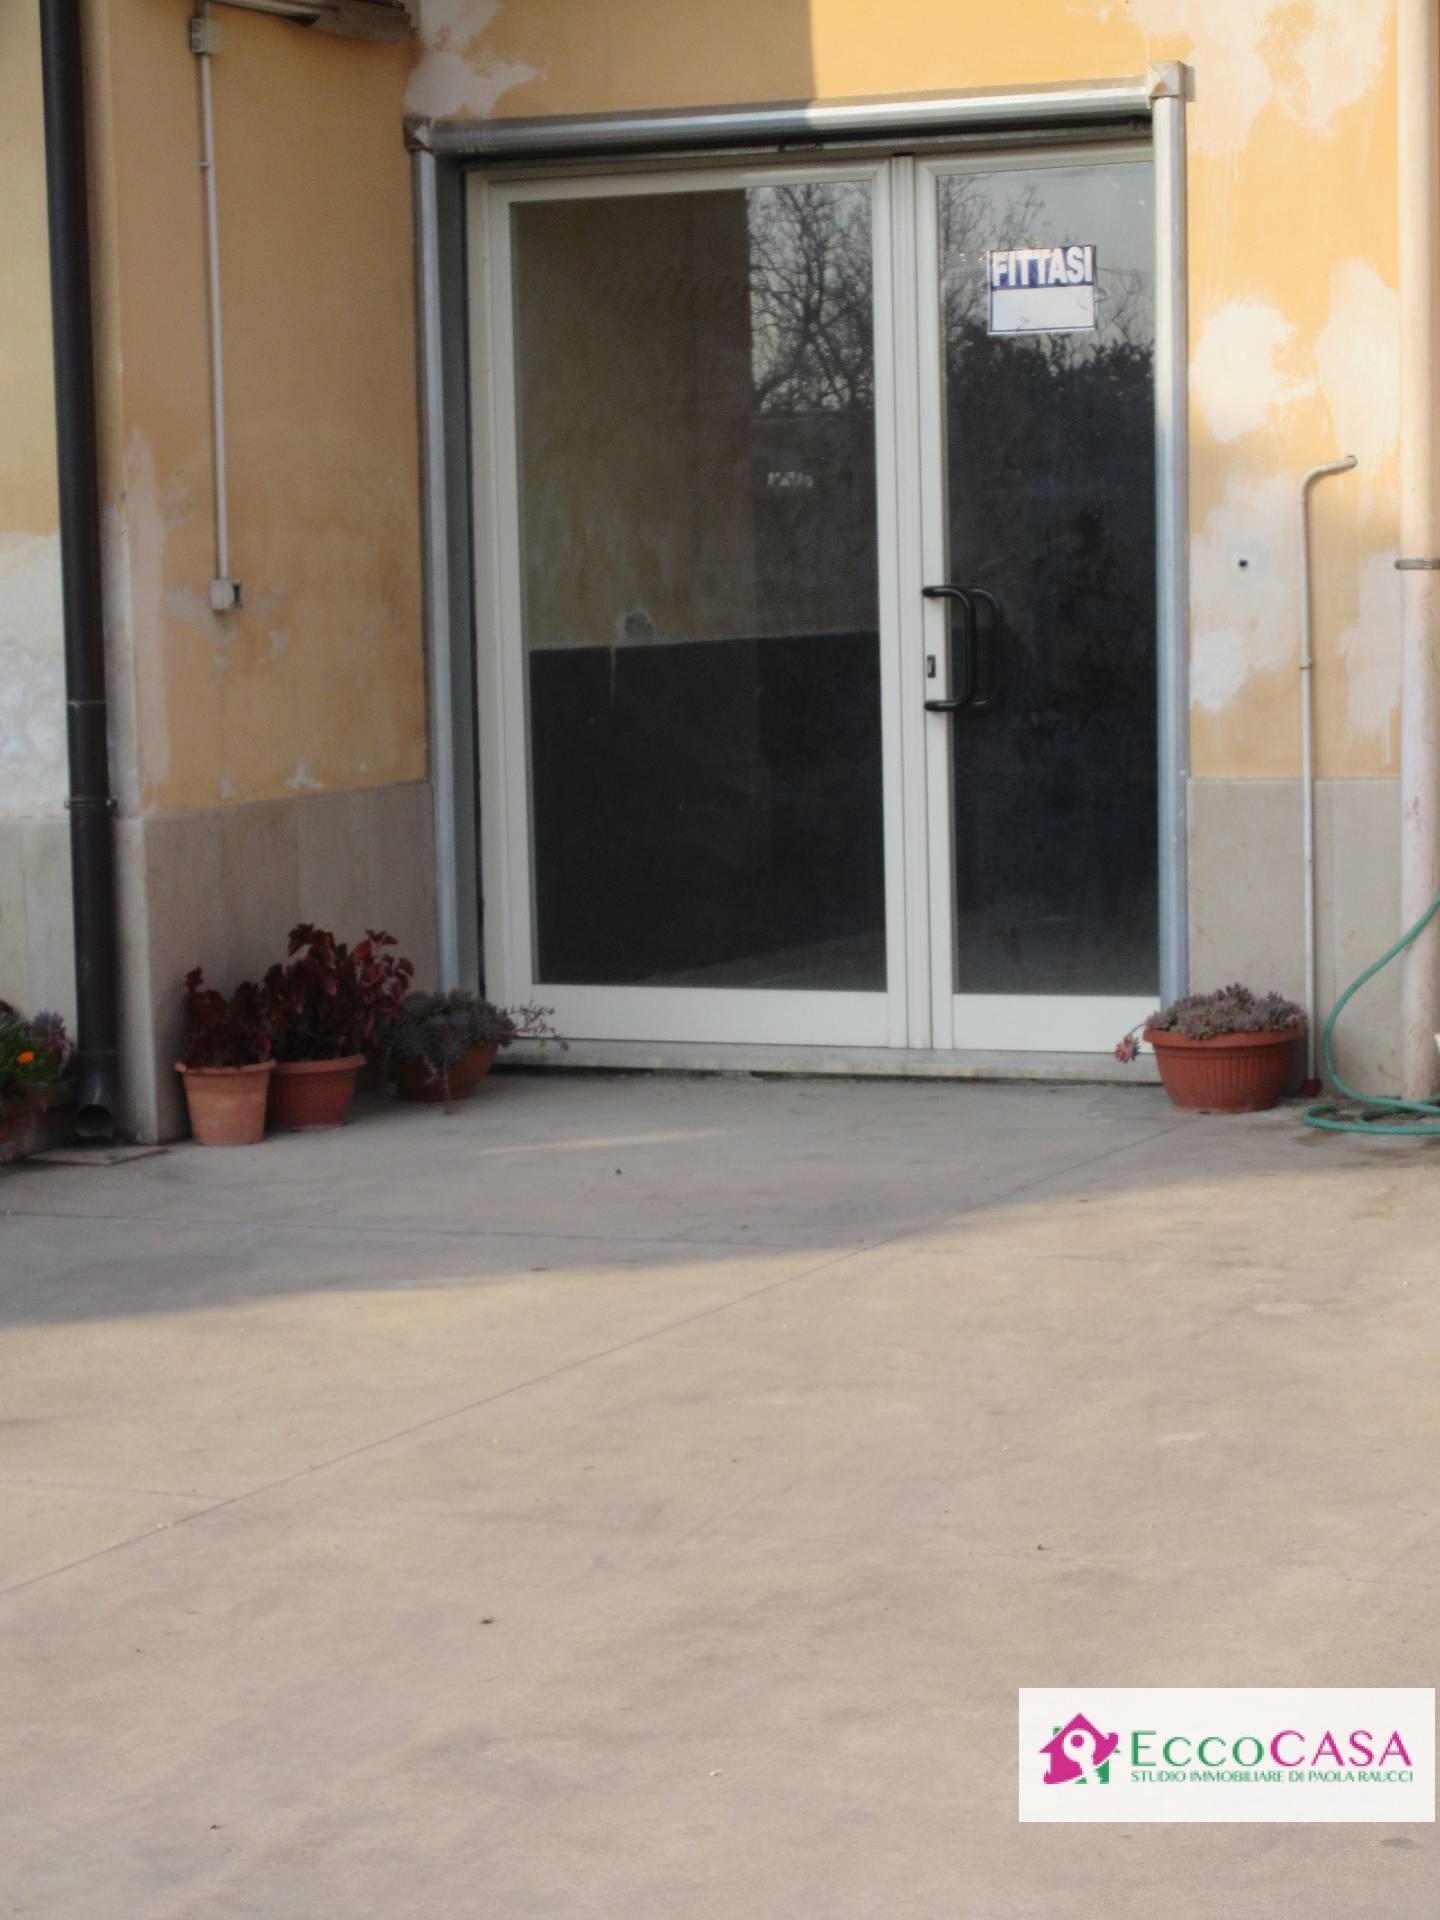 Negozio / Locale in affitto a Santa Maria a Vico, 9999 locali, prezzo € 370 | Cambio Casa.it